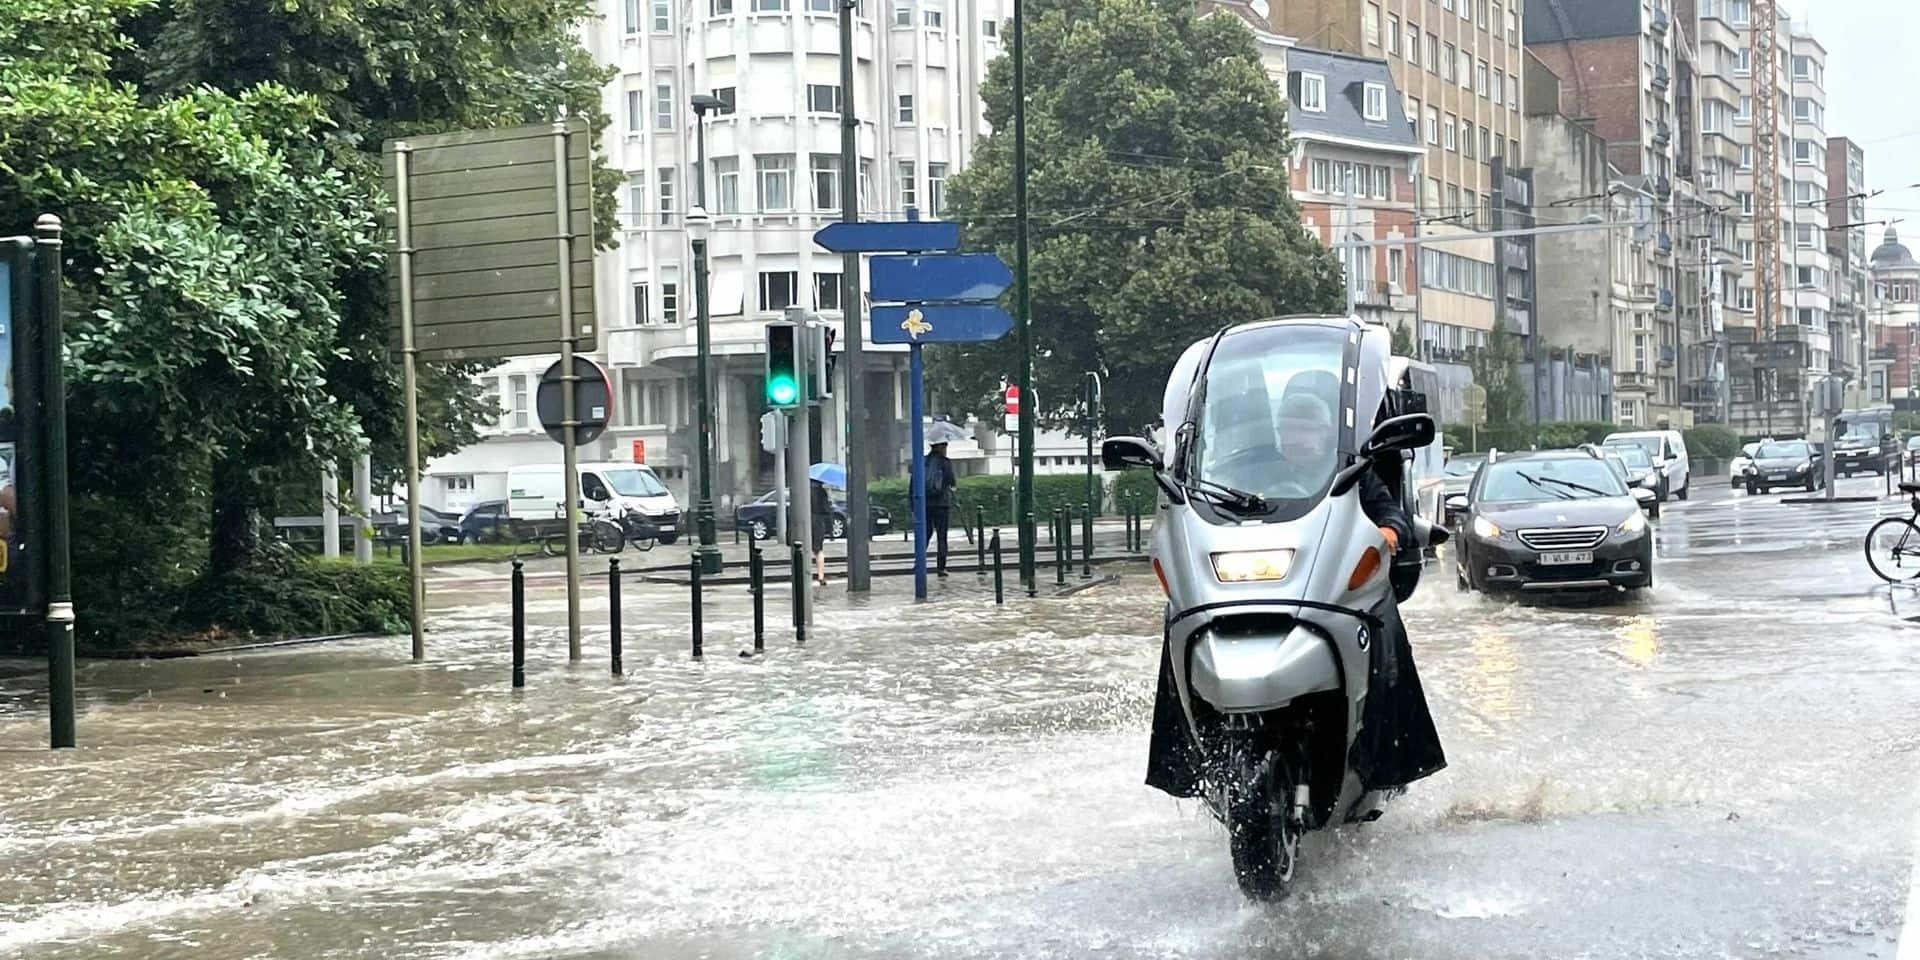 Fortes intempéries à Bruxelles: Neuf interventions des pompiers, d'importantes précipitations sont encore attendues dans les prochaines heures